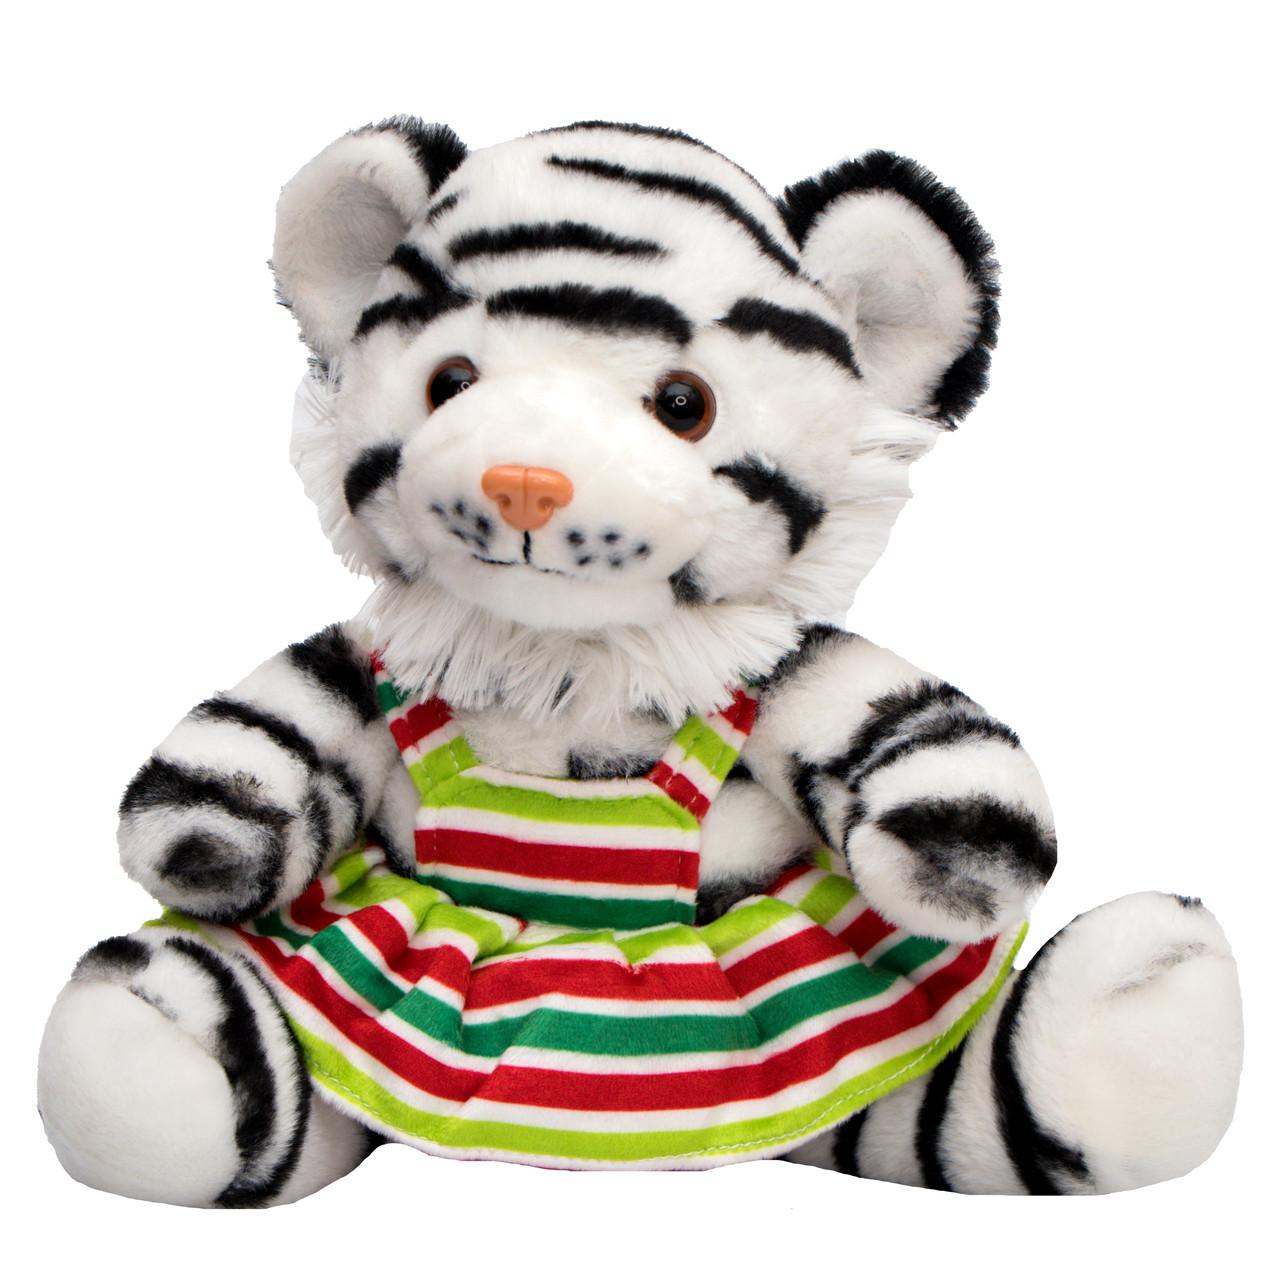 М'яка іграшка - тигреня у спідничці, 21 см, коричневий, плюш (395735)